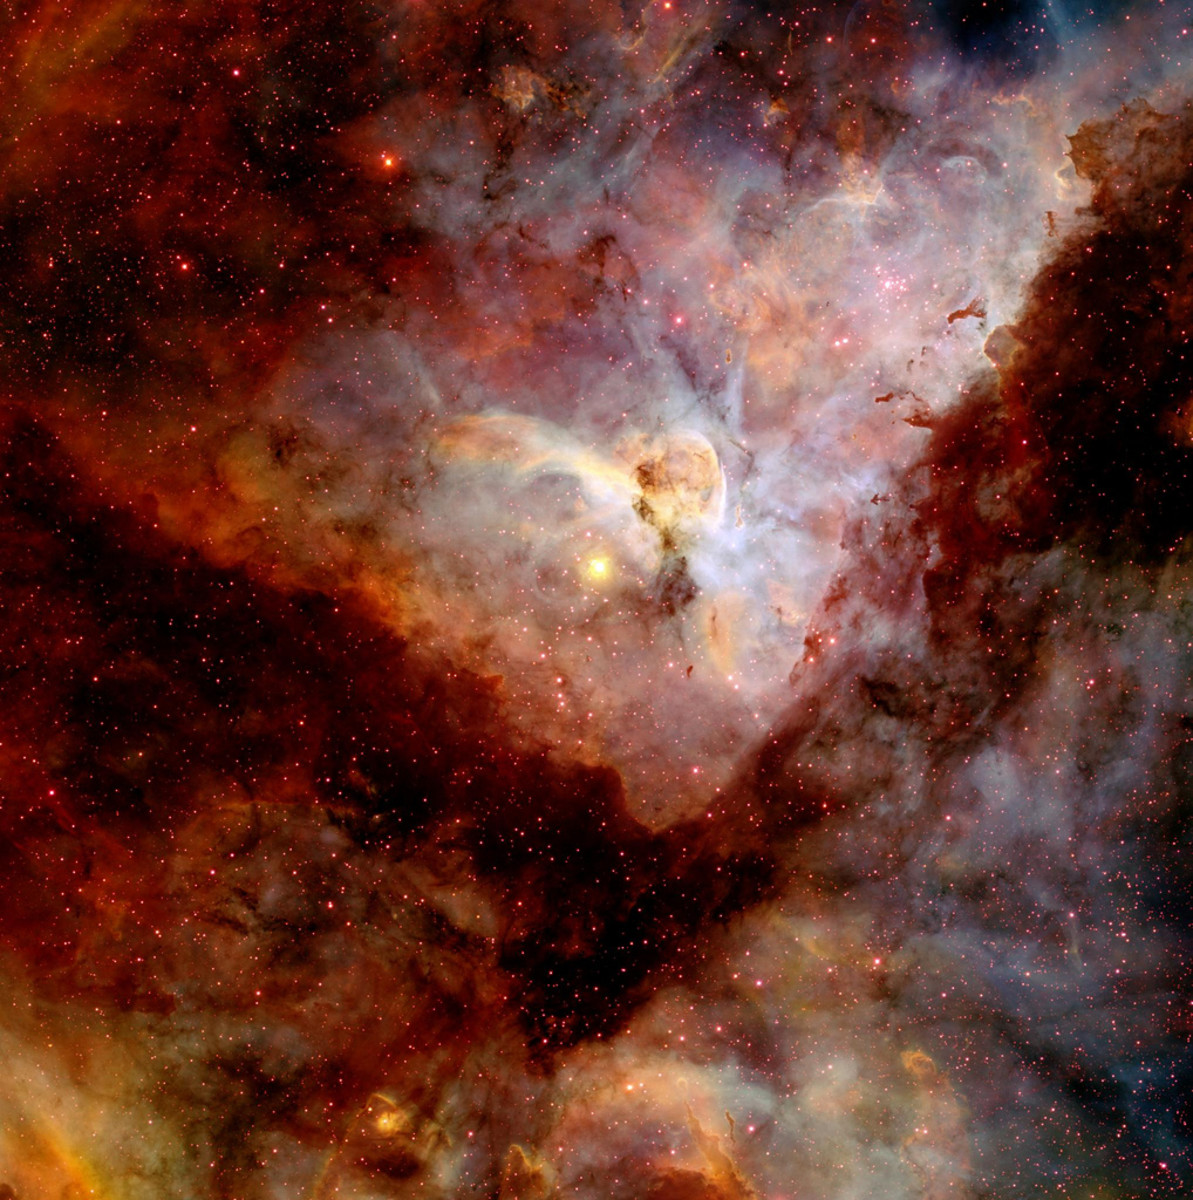 CTIO Image of Carina Nebula